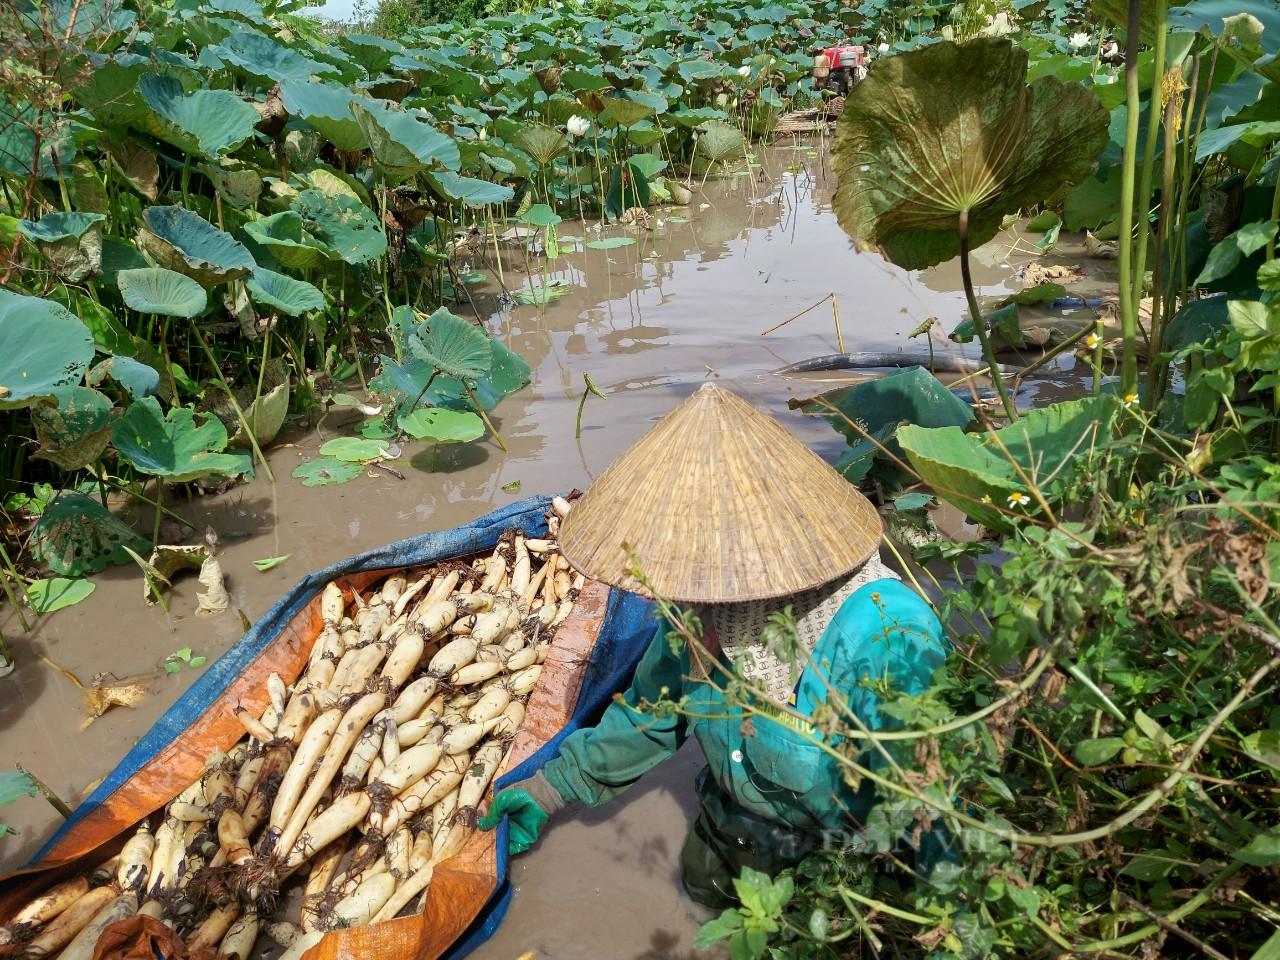 Hải Phòng: Nông dân trồng thứ cây tốt bời bời, bán được tất cả từ lá đến củ - Ảnh 2.